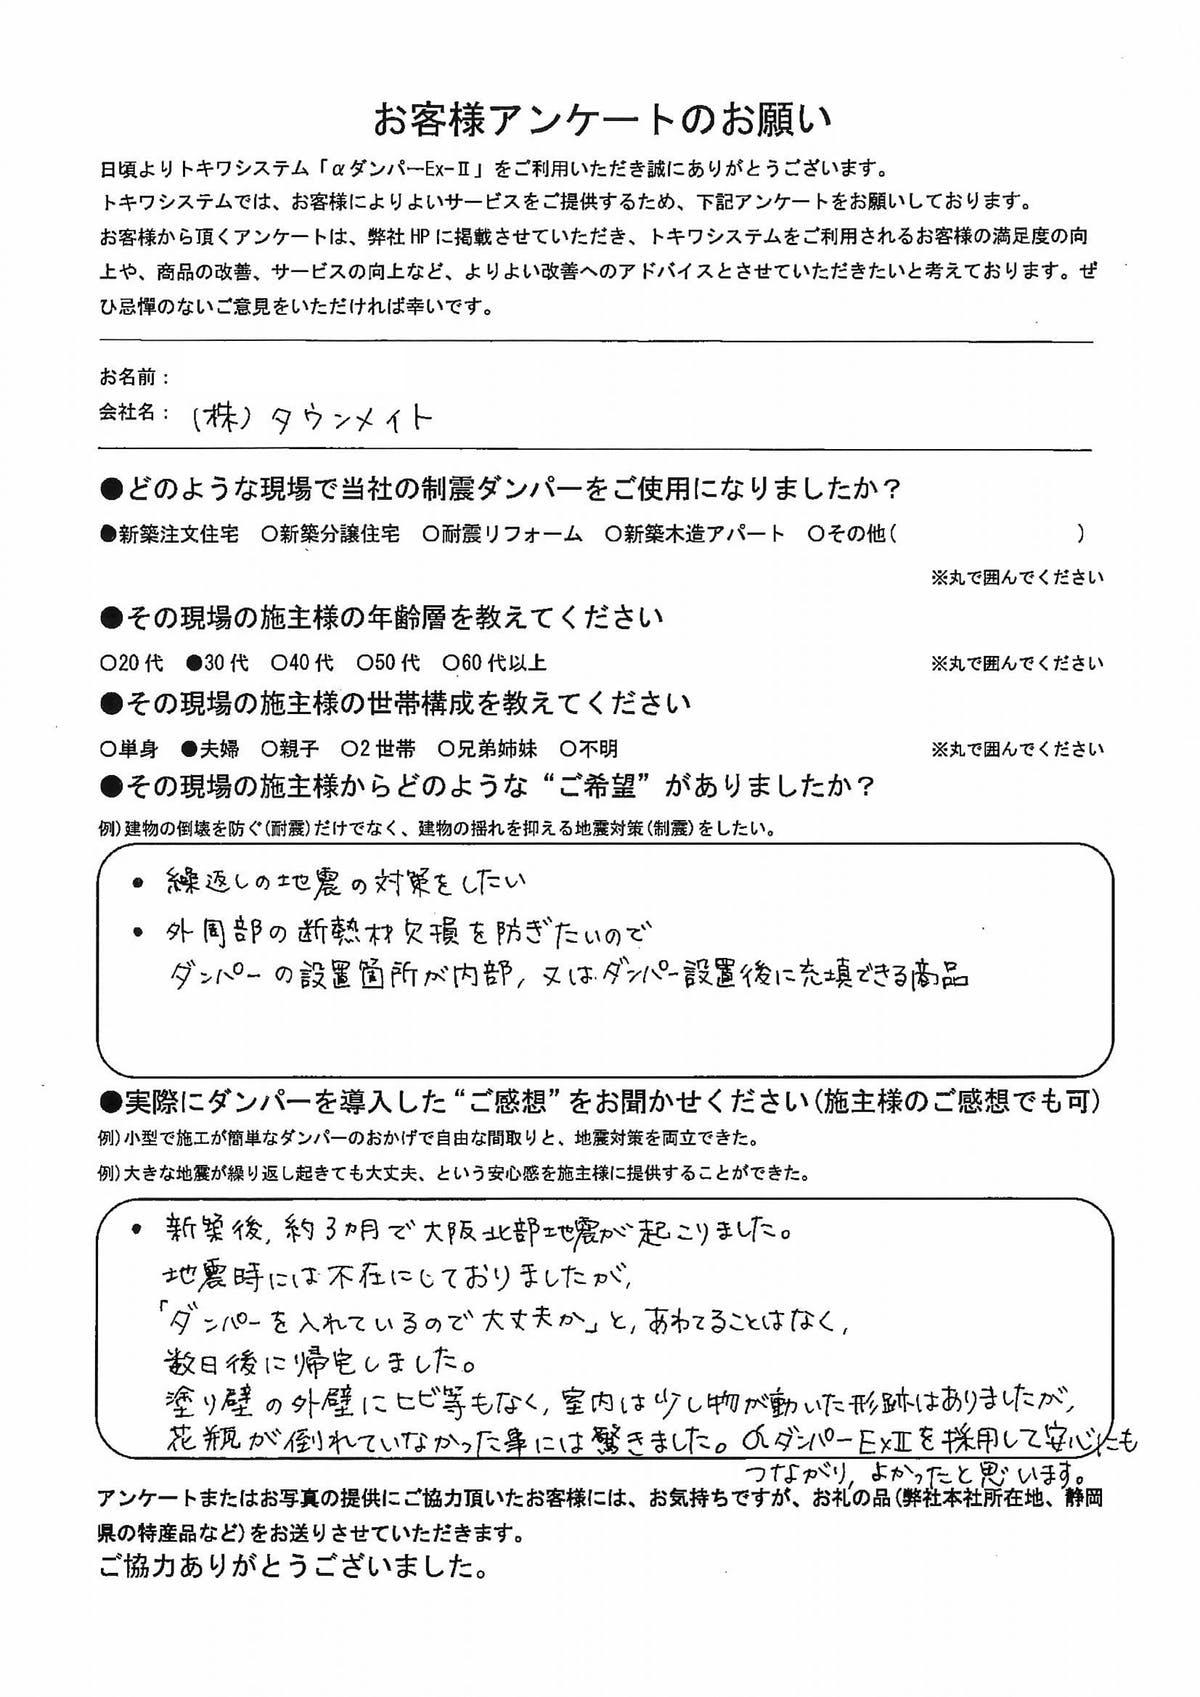 株式会社タウンメイト様アンケート